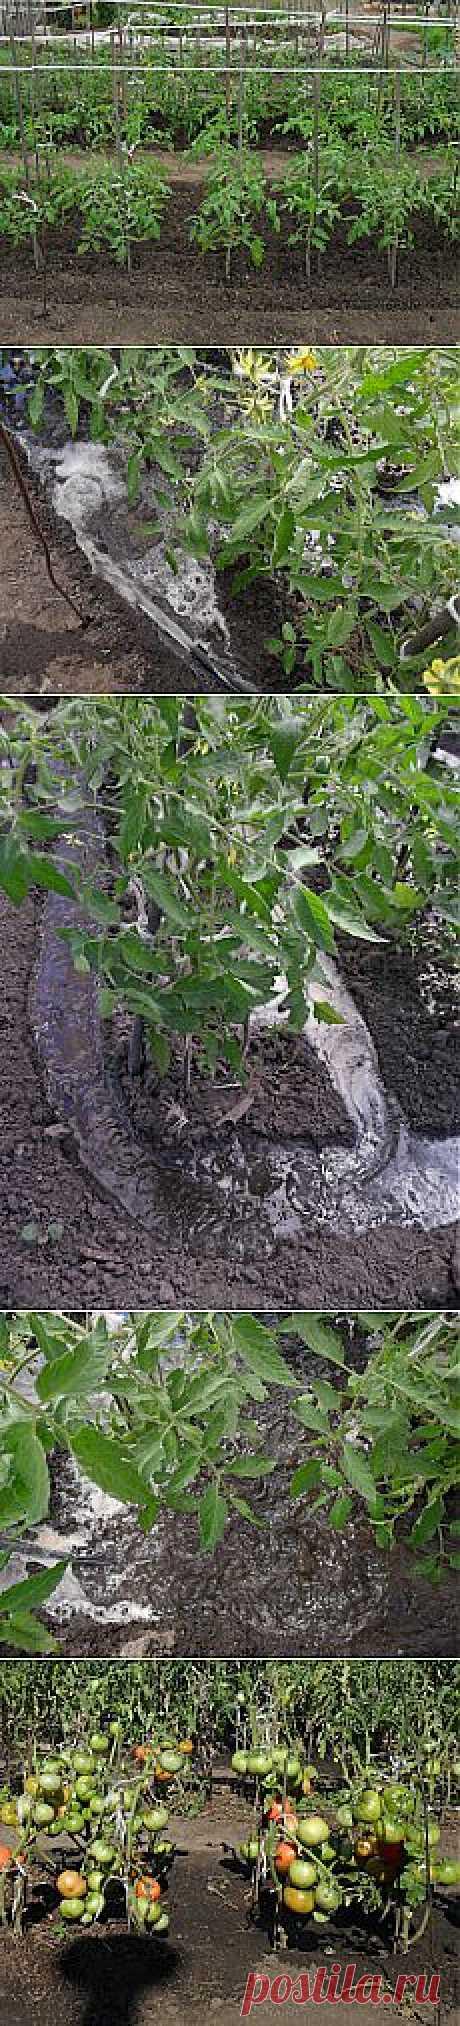 Вкусные помидоры: Полив помидоров в открытом грунте